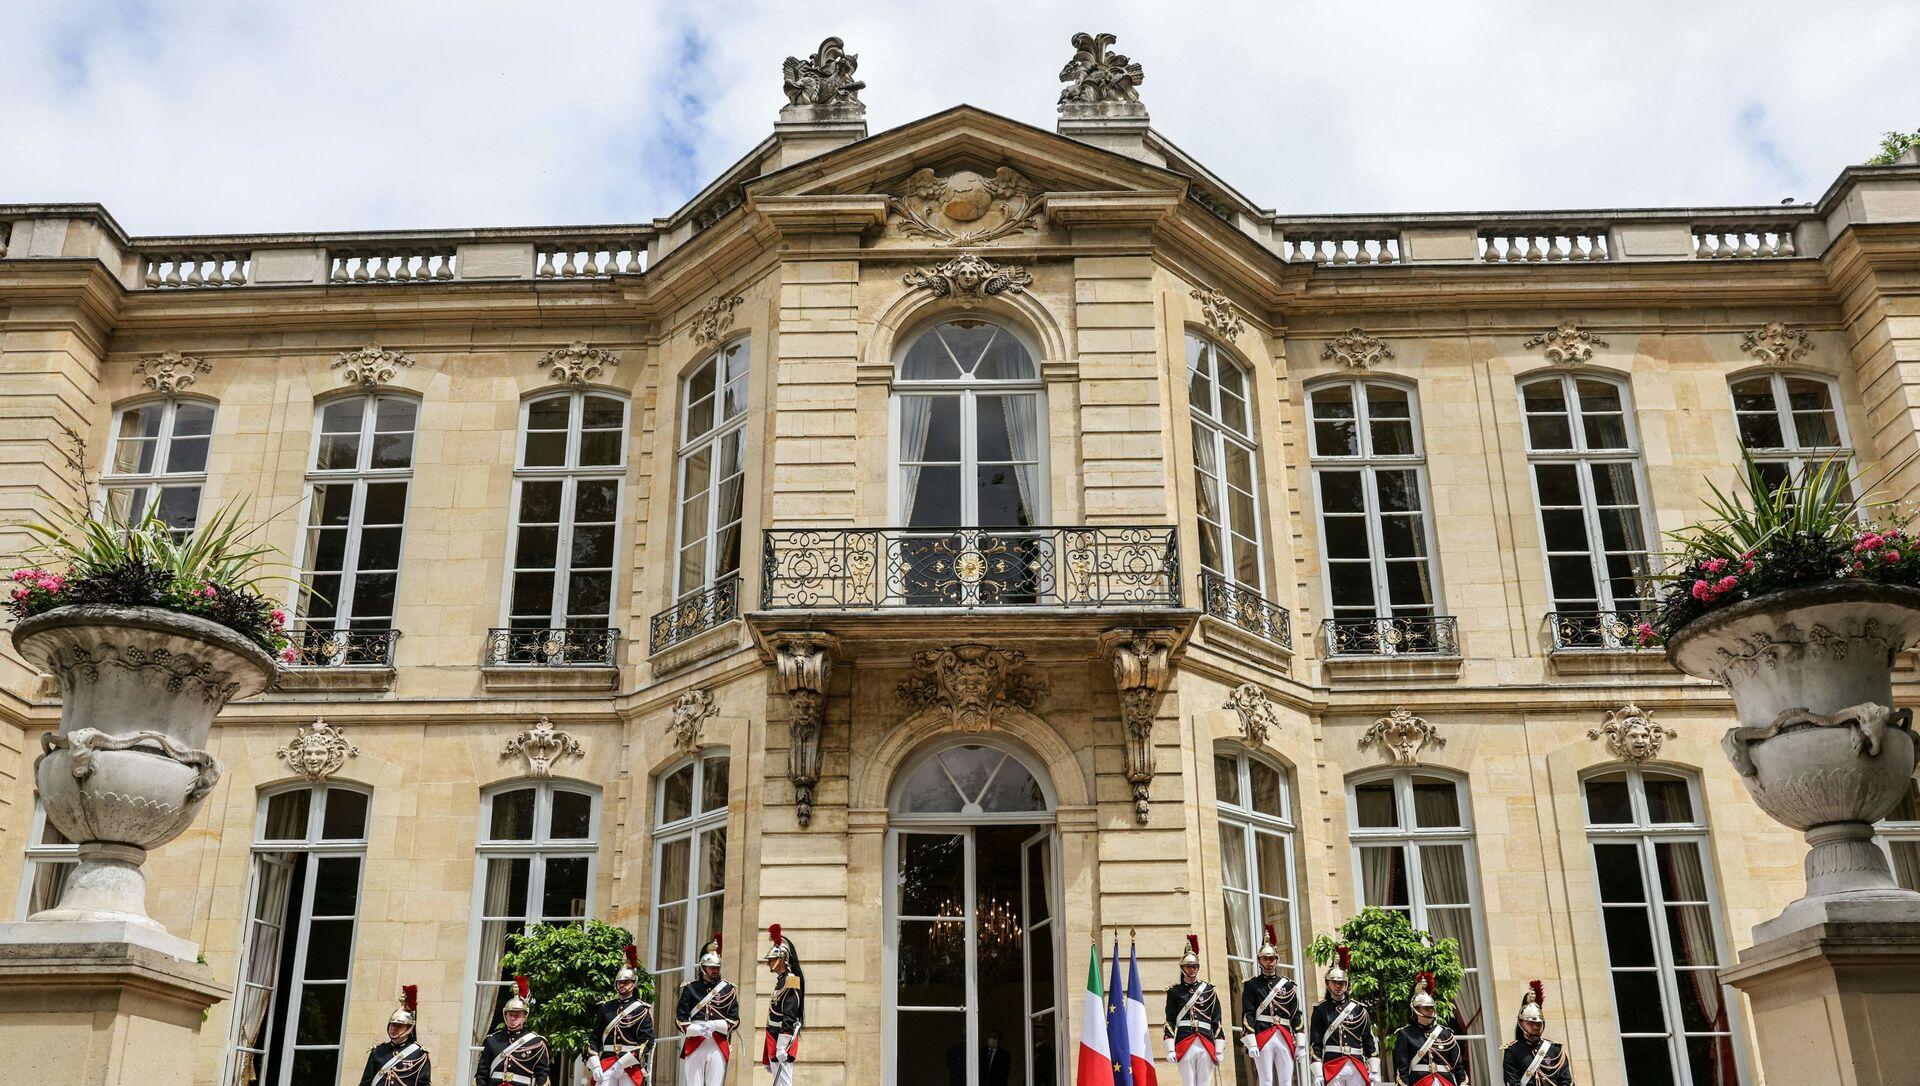 Hôtel de Matignon - Sputnik France, 1920, 06.09.2021